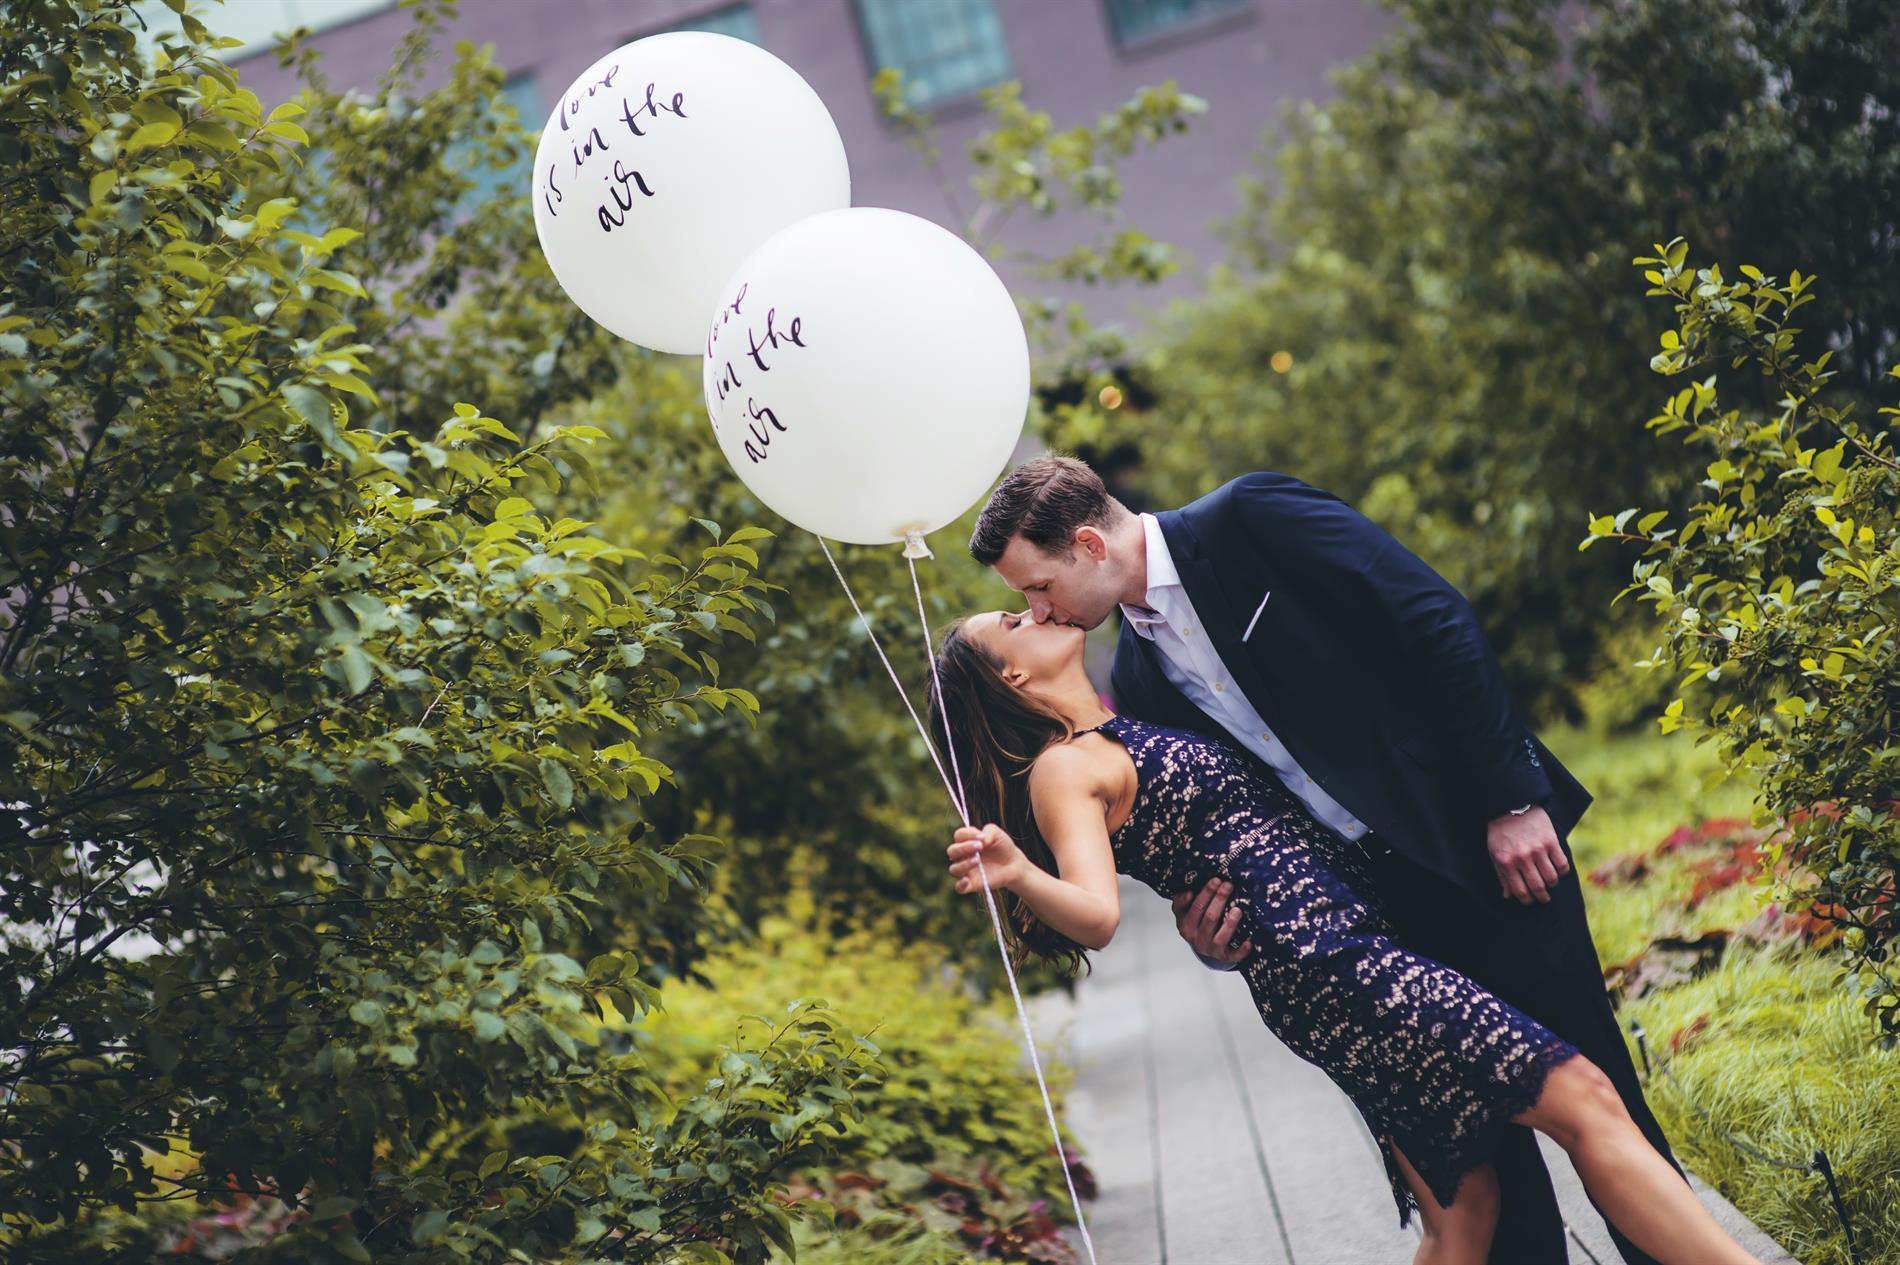 Mike & Kayla Engagement Photos